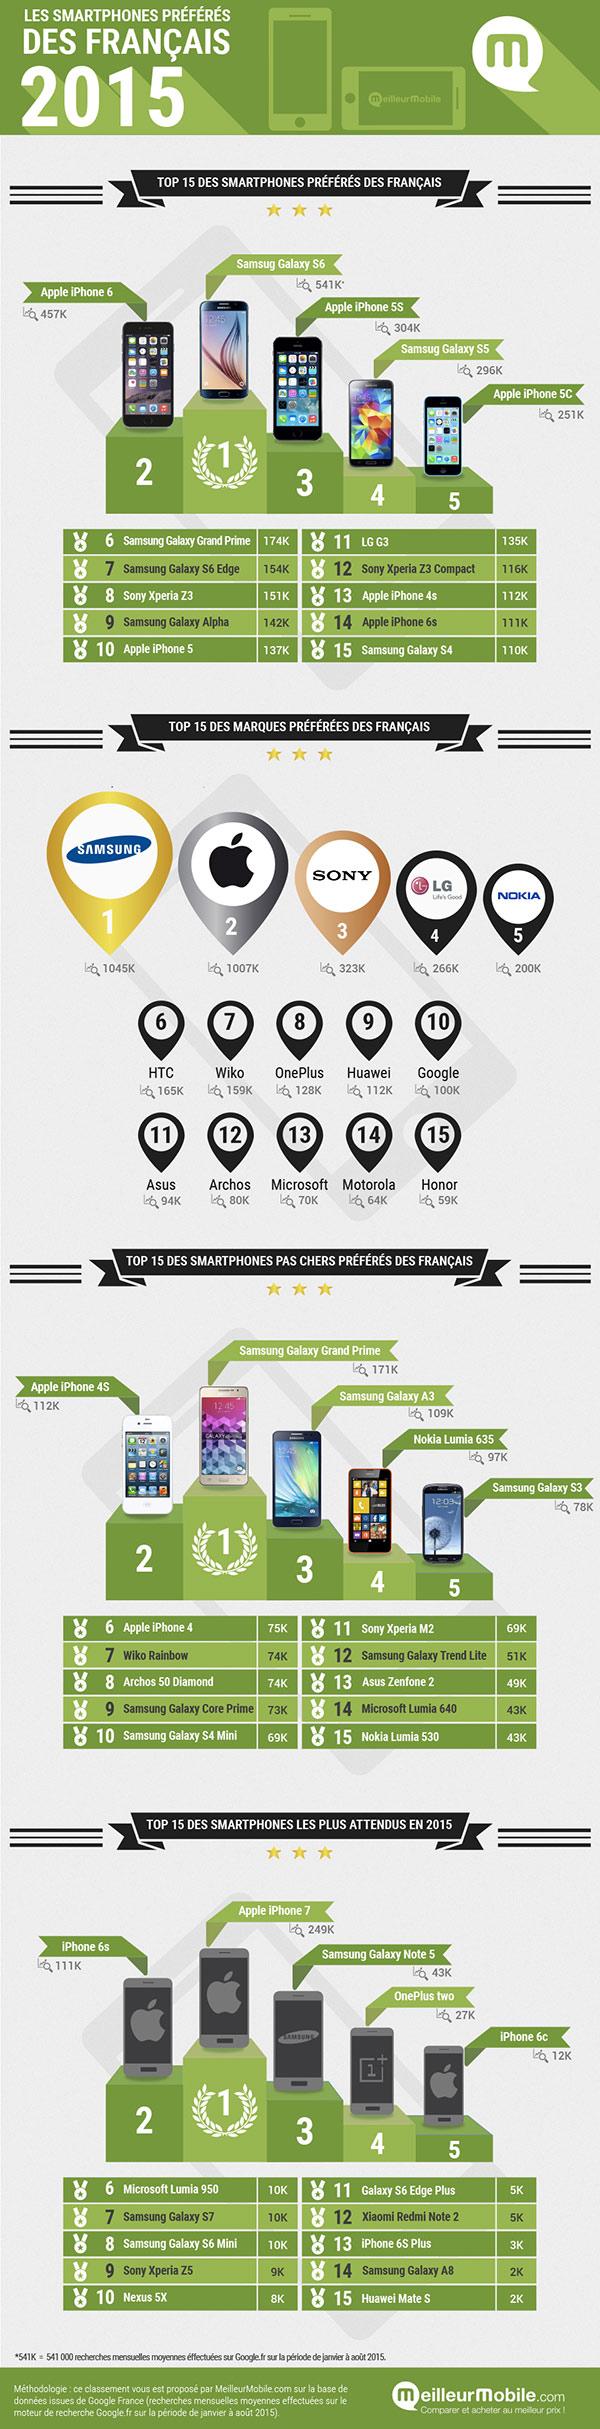 liphone-6-et-le-galaxy-s6-sont-les-smartphones-preferes-des-francais-en-2015_2